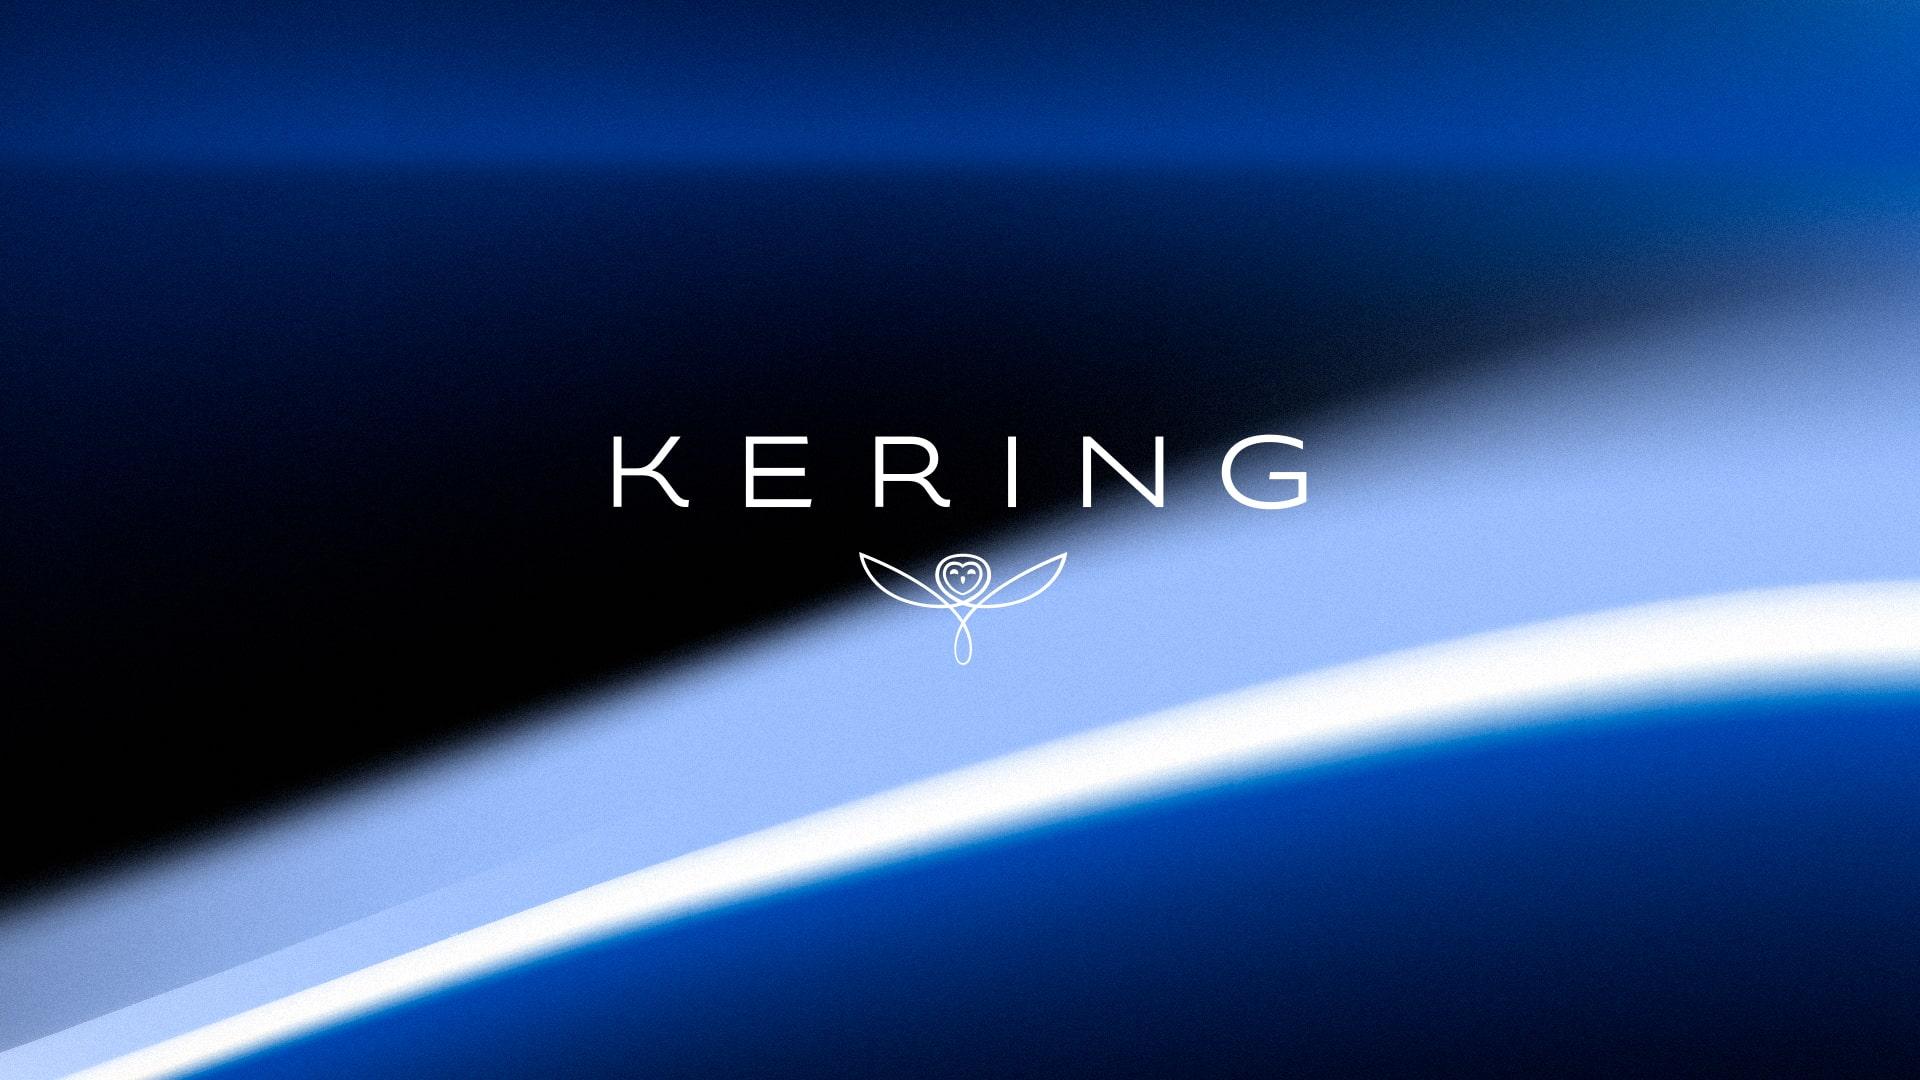 KERING_Works-min